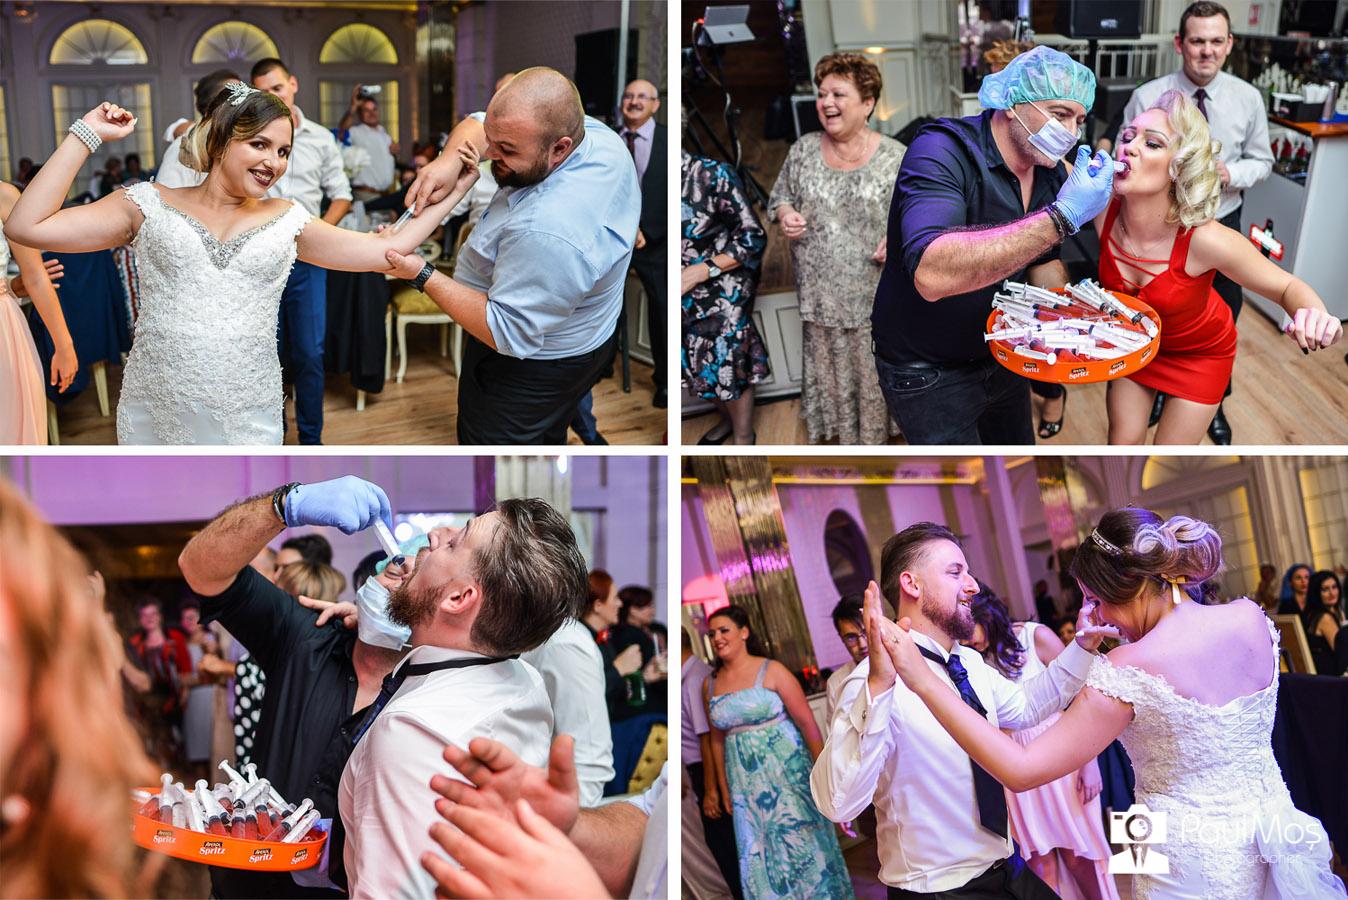 colaj foto nunta, fotografii nunta, distracție la nunta, barmani nunta arad, fotograf profesionist de nunta